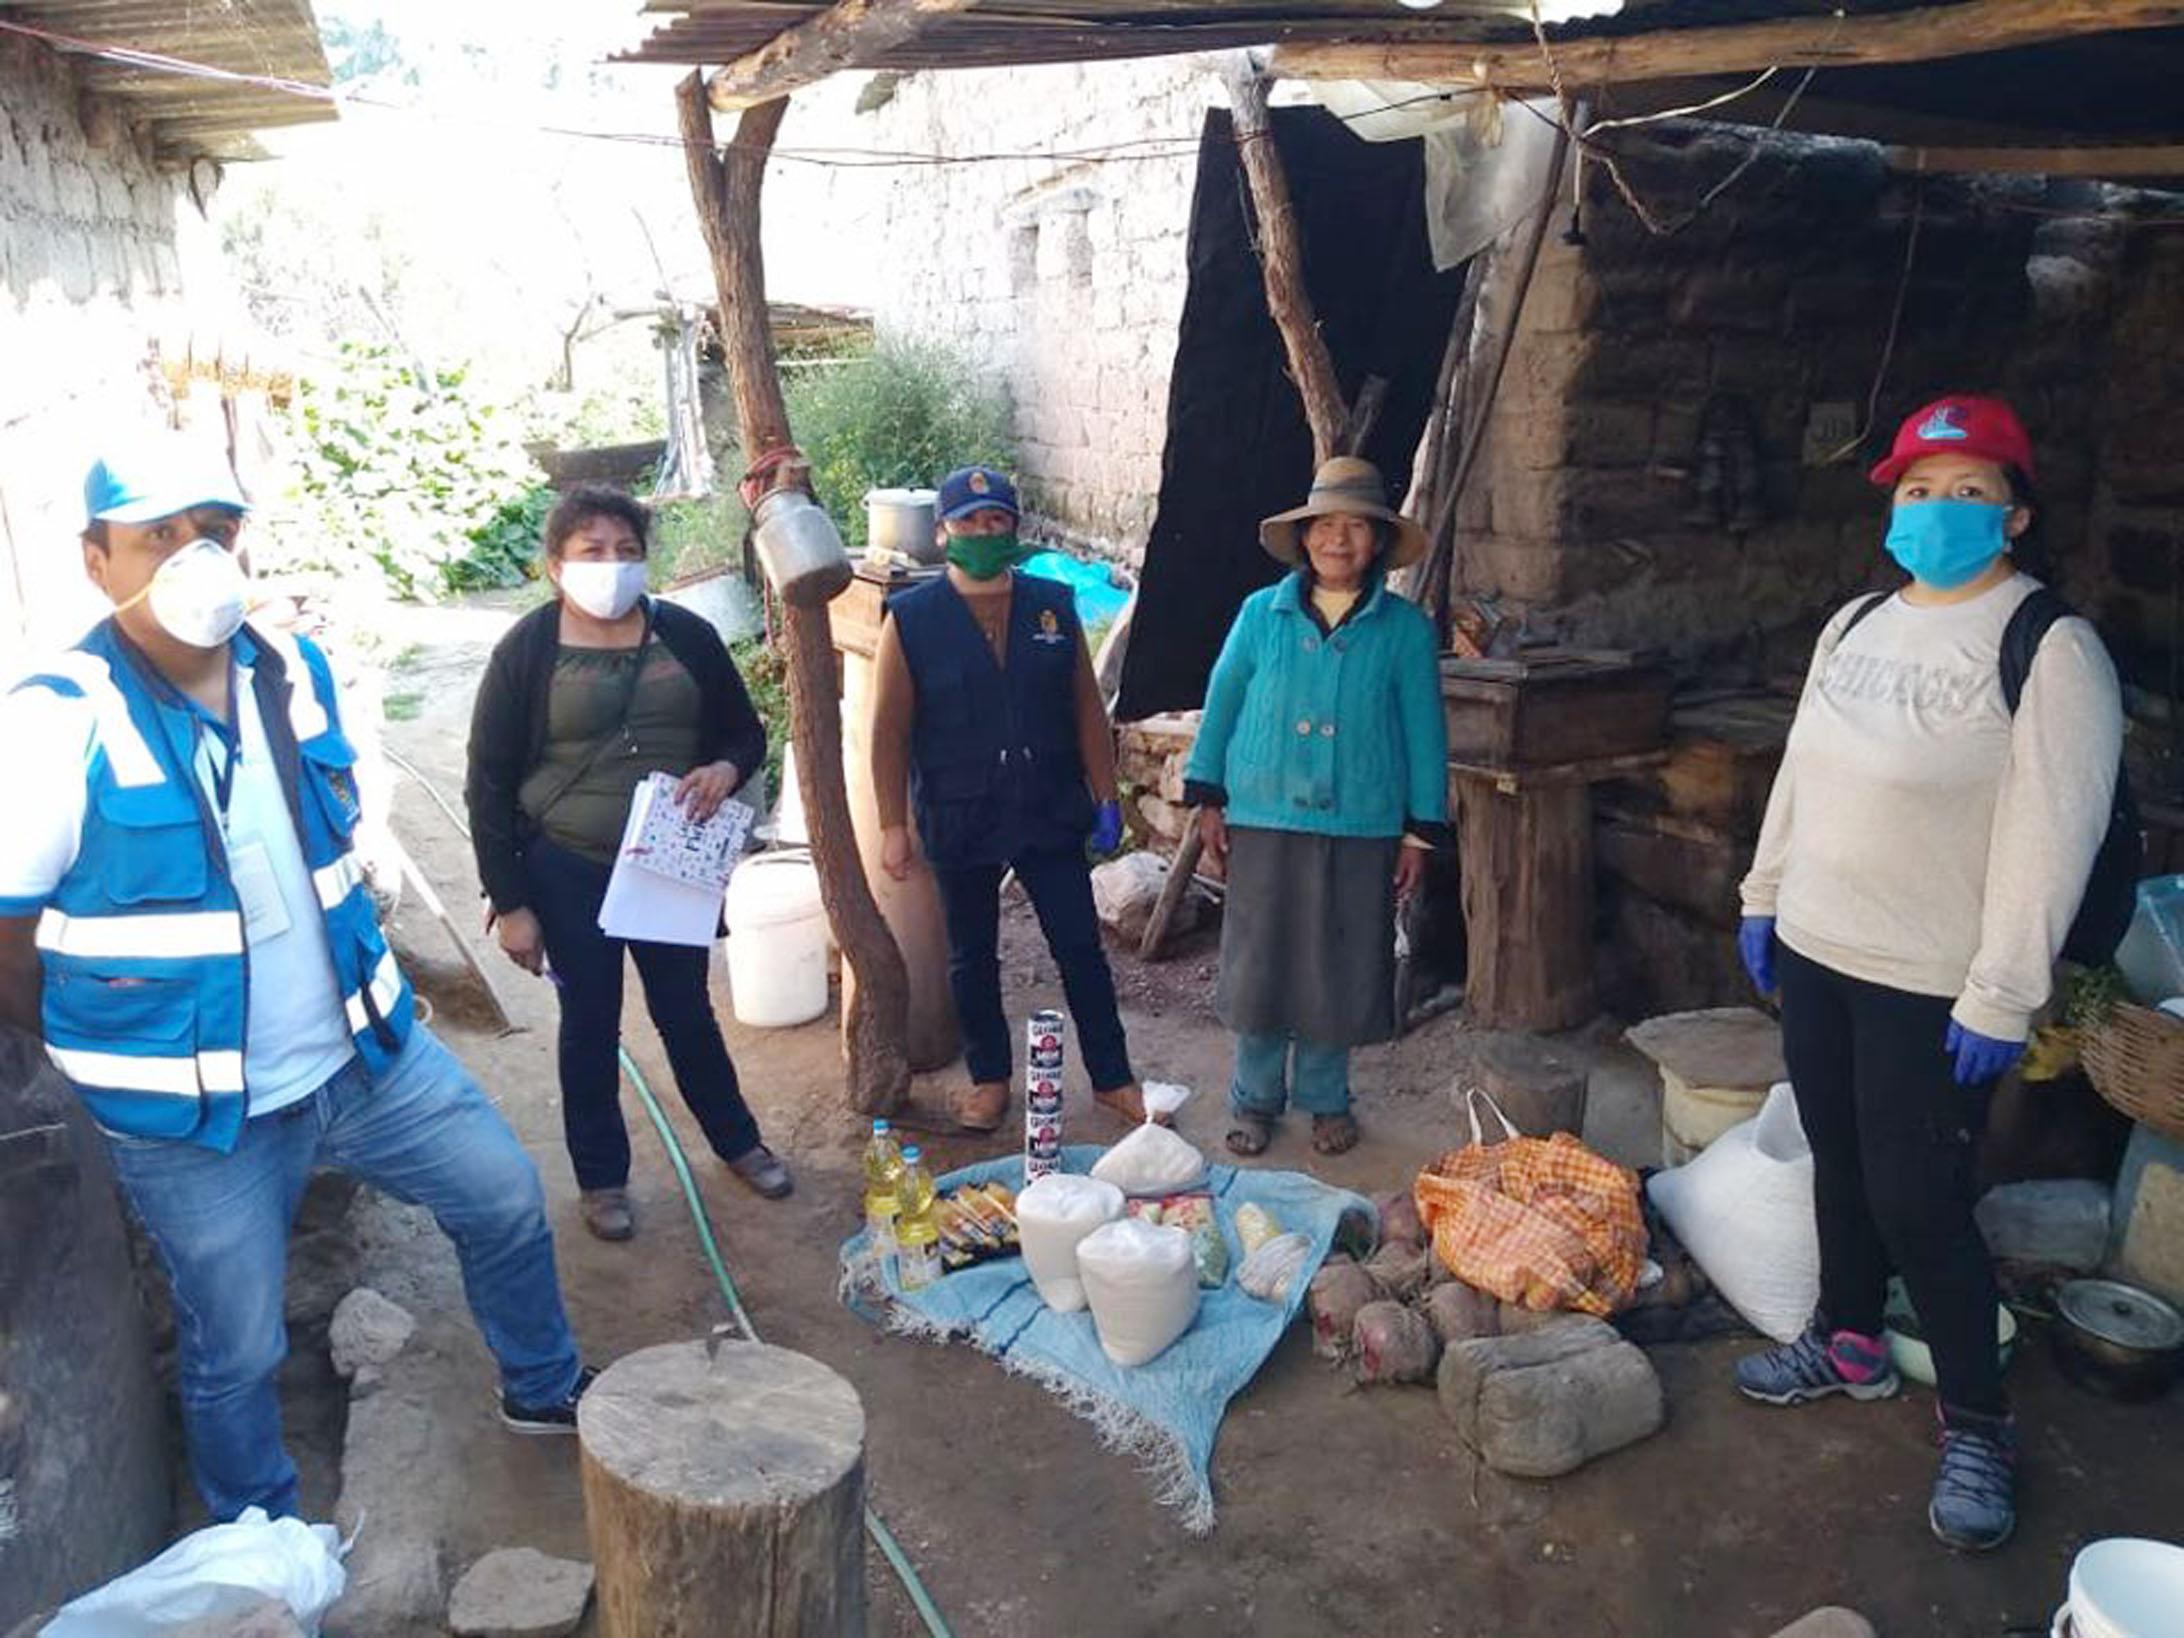 MUNICIPALIDAD DE TORATA INICIA ENTREGA DE CANASTAS FAMILIARES A FAMILIAS IDENTIFICADAS EN EL DISTRITO